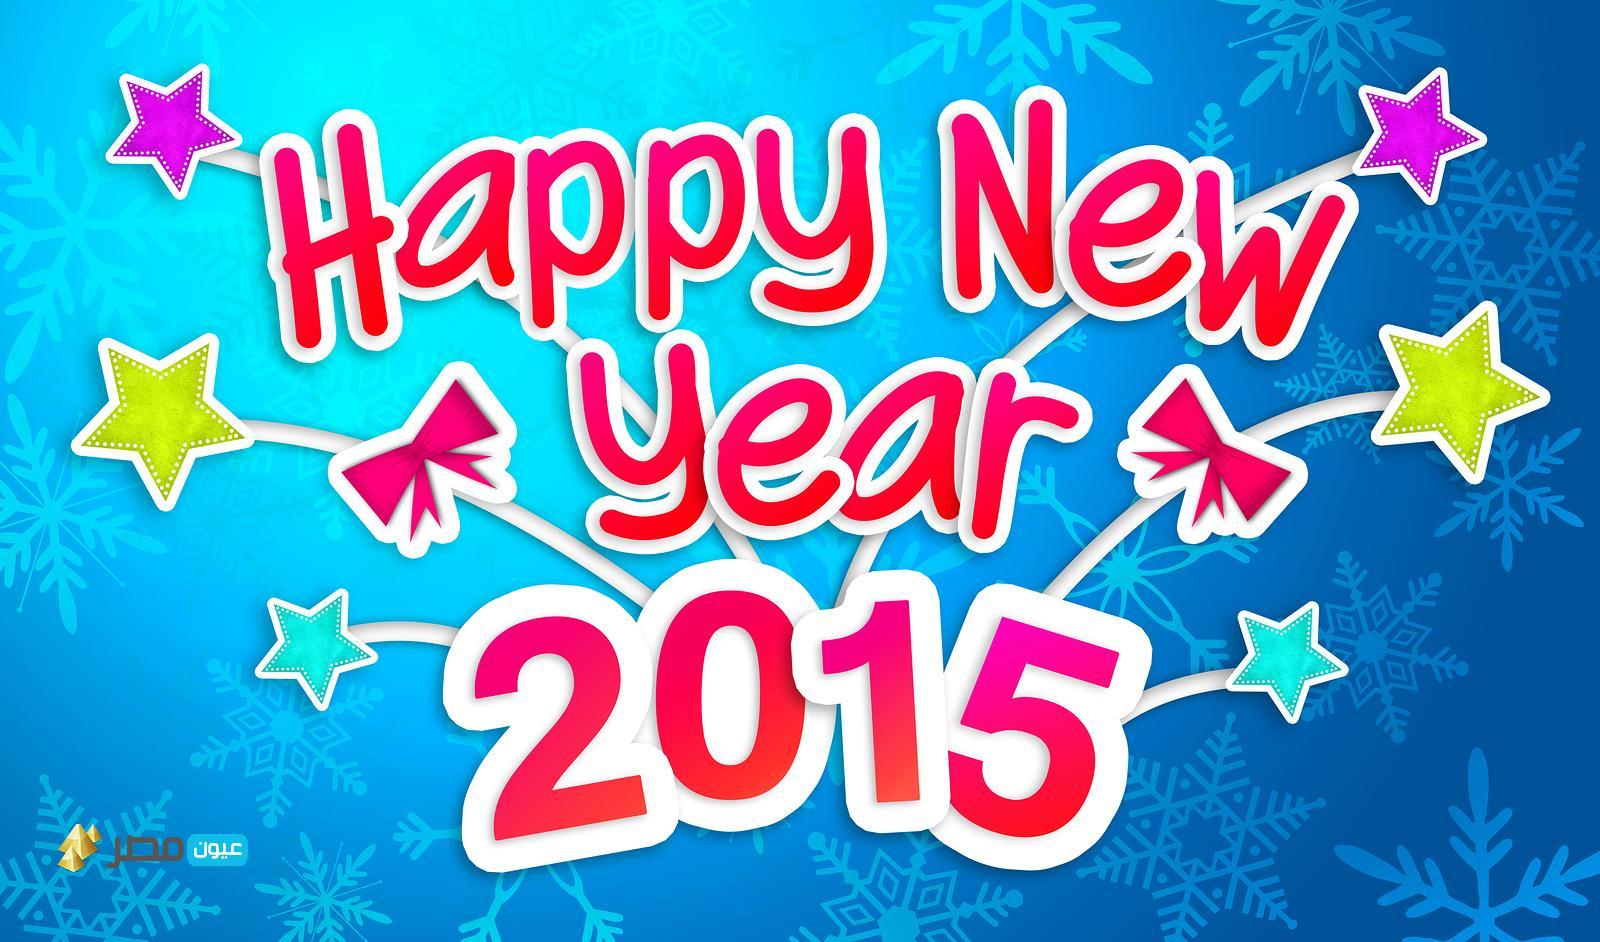 اجمل صور العام الجديد 2015 خلفيات وبطاقات تهنئة عيد رأس السنة الكريسماس فيسبوك واتساب انستقرام